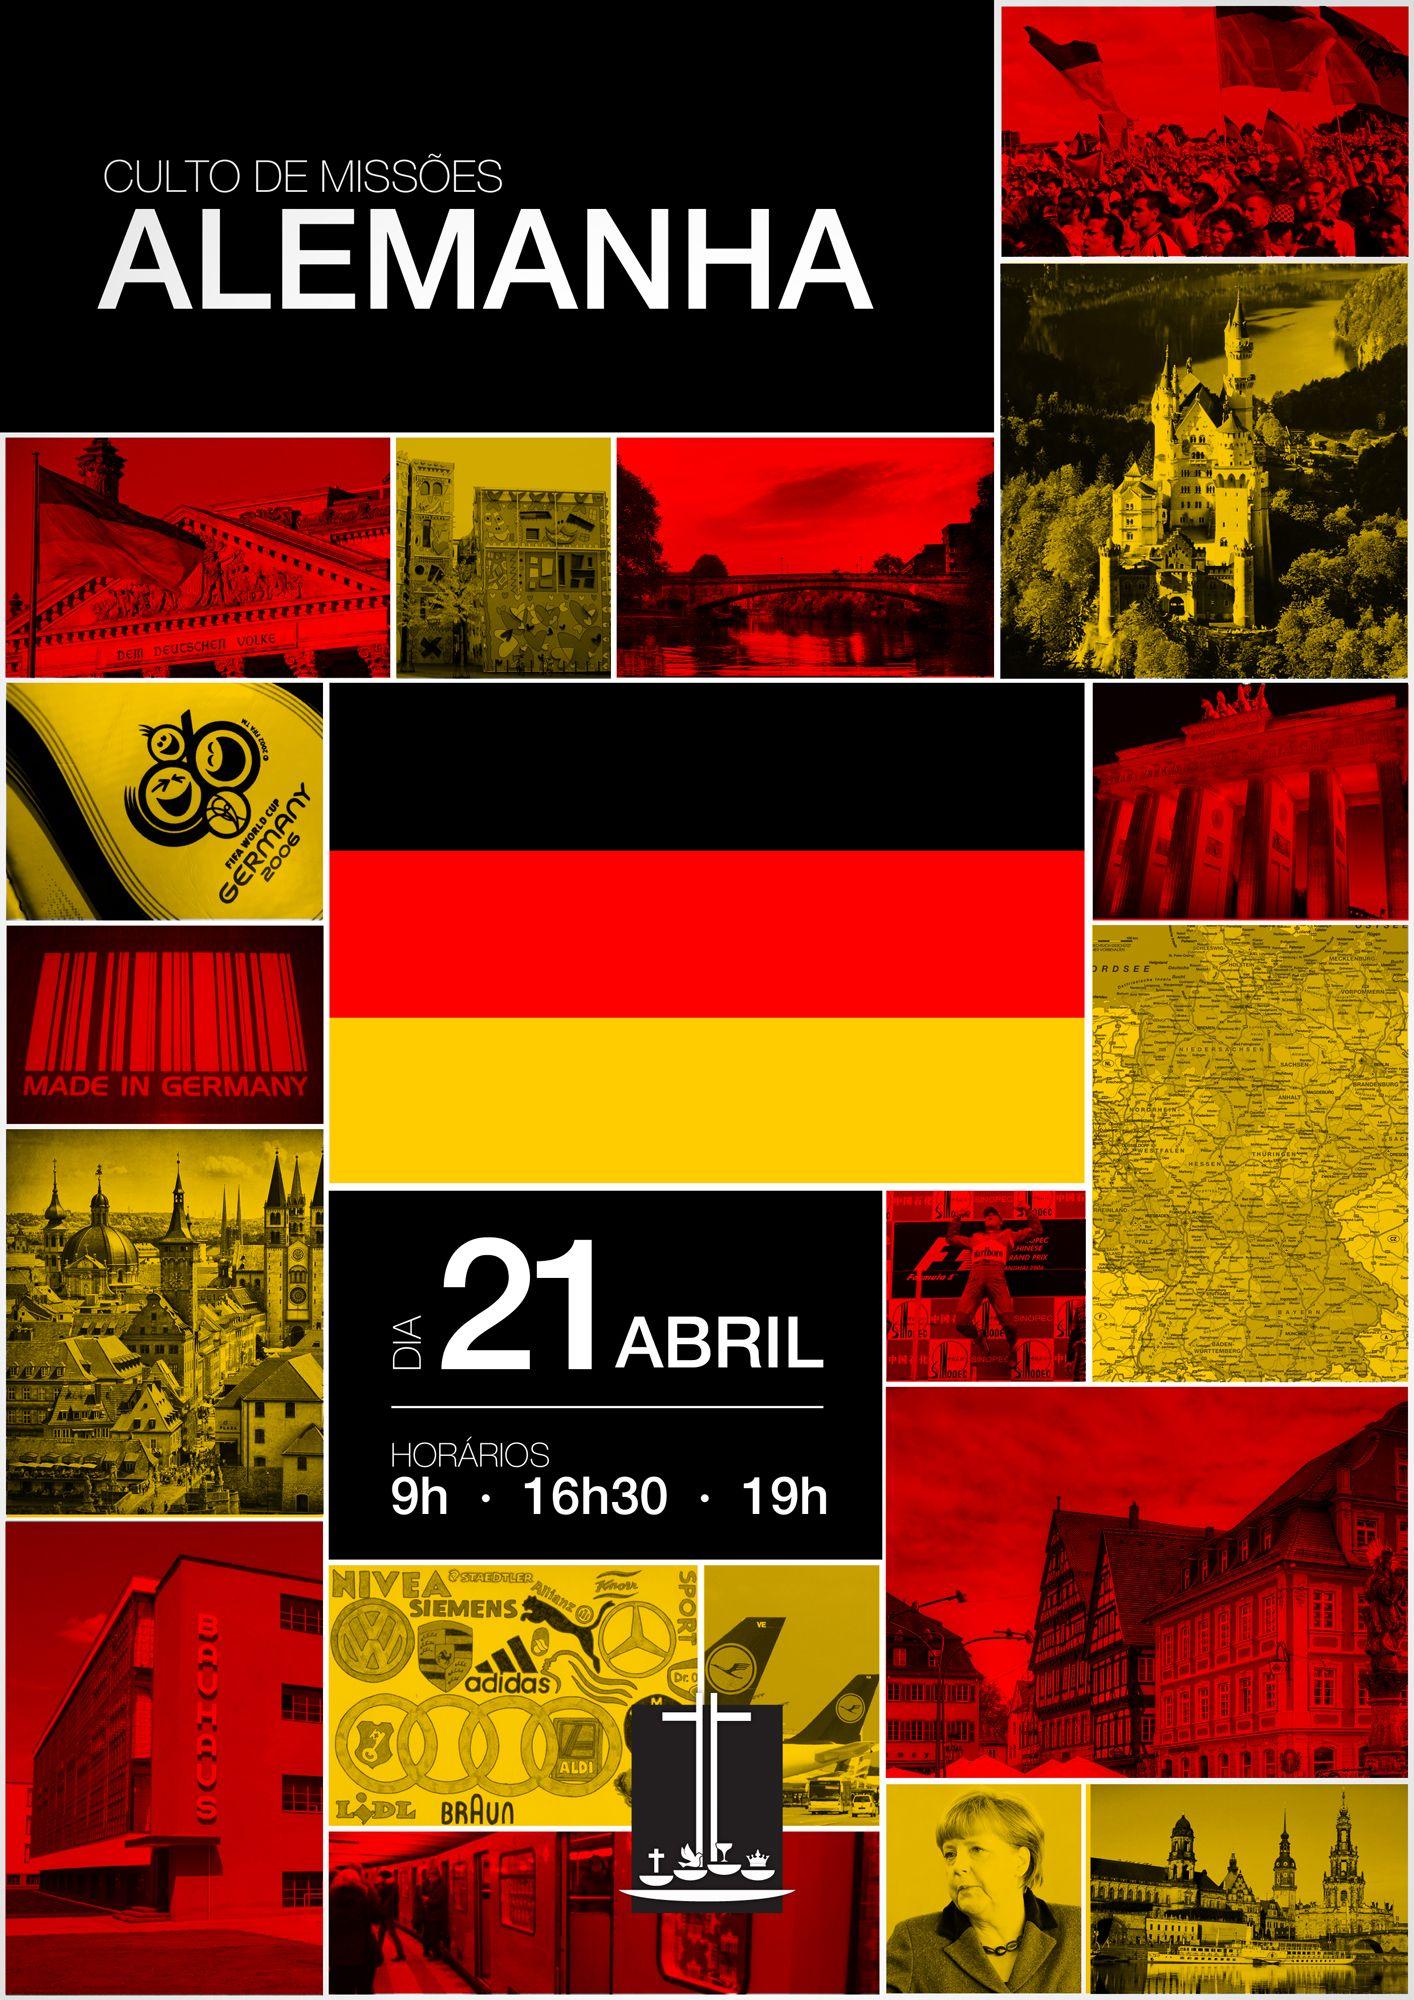 Culto de Missões - Alemanha - 21 de Abril de 2013.